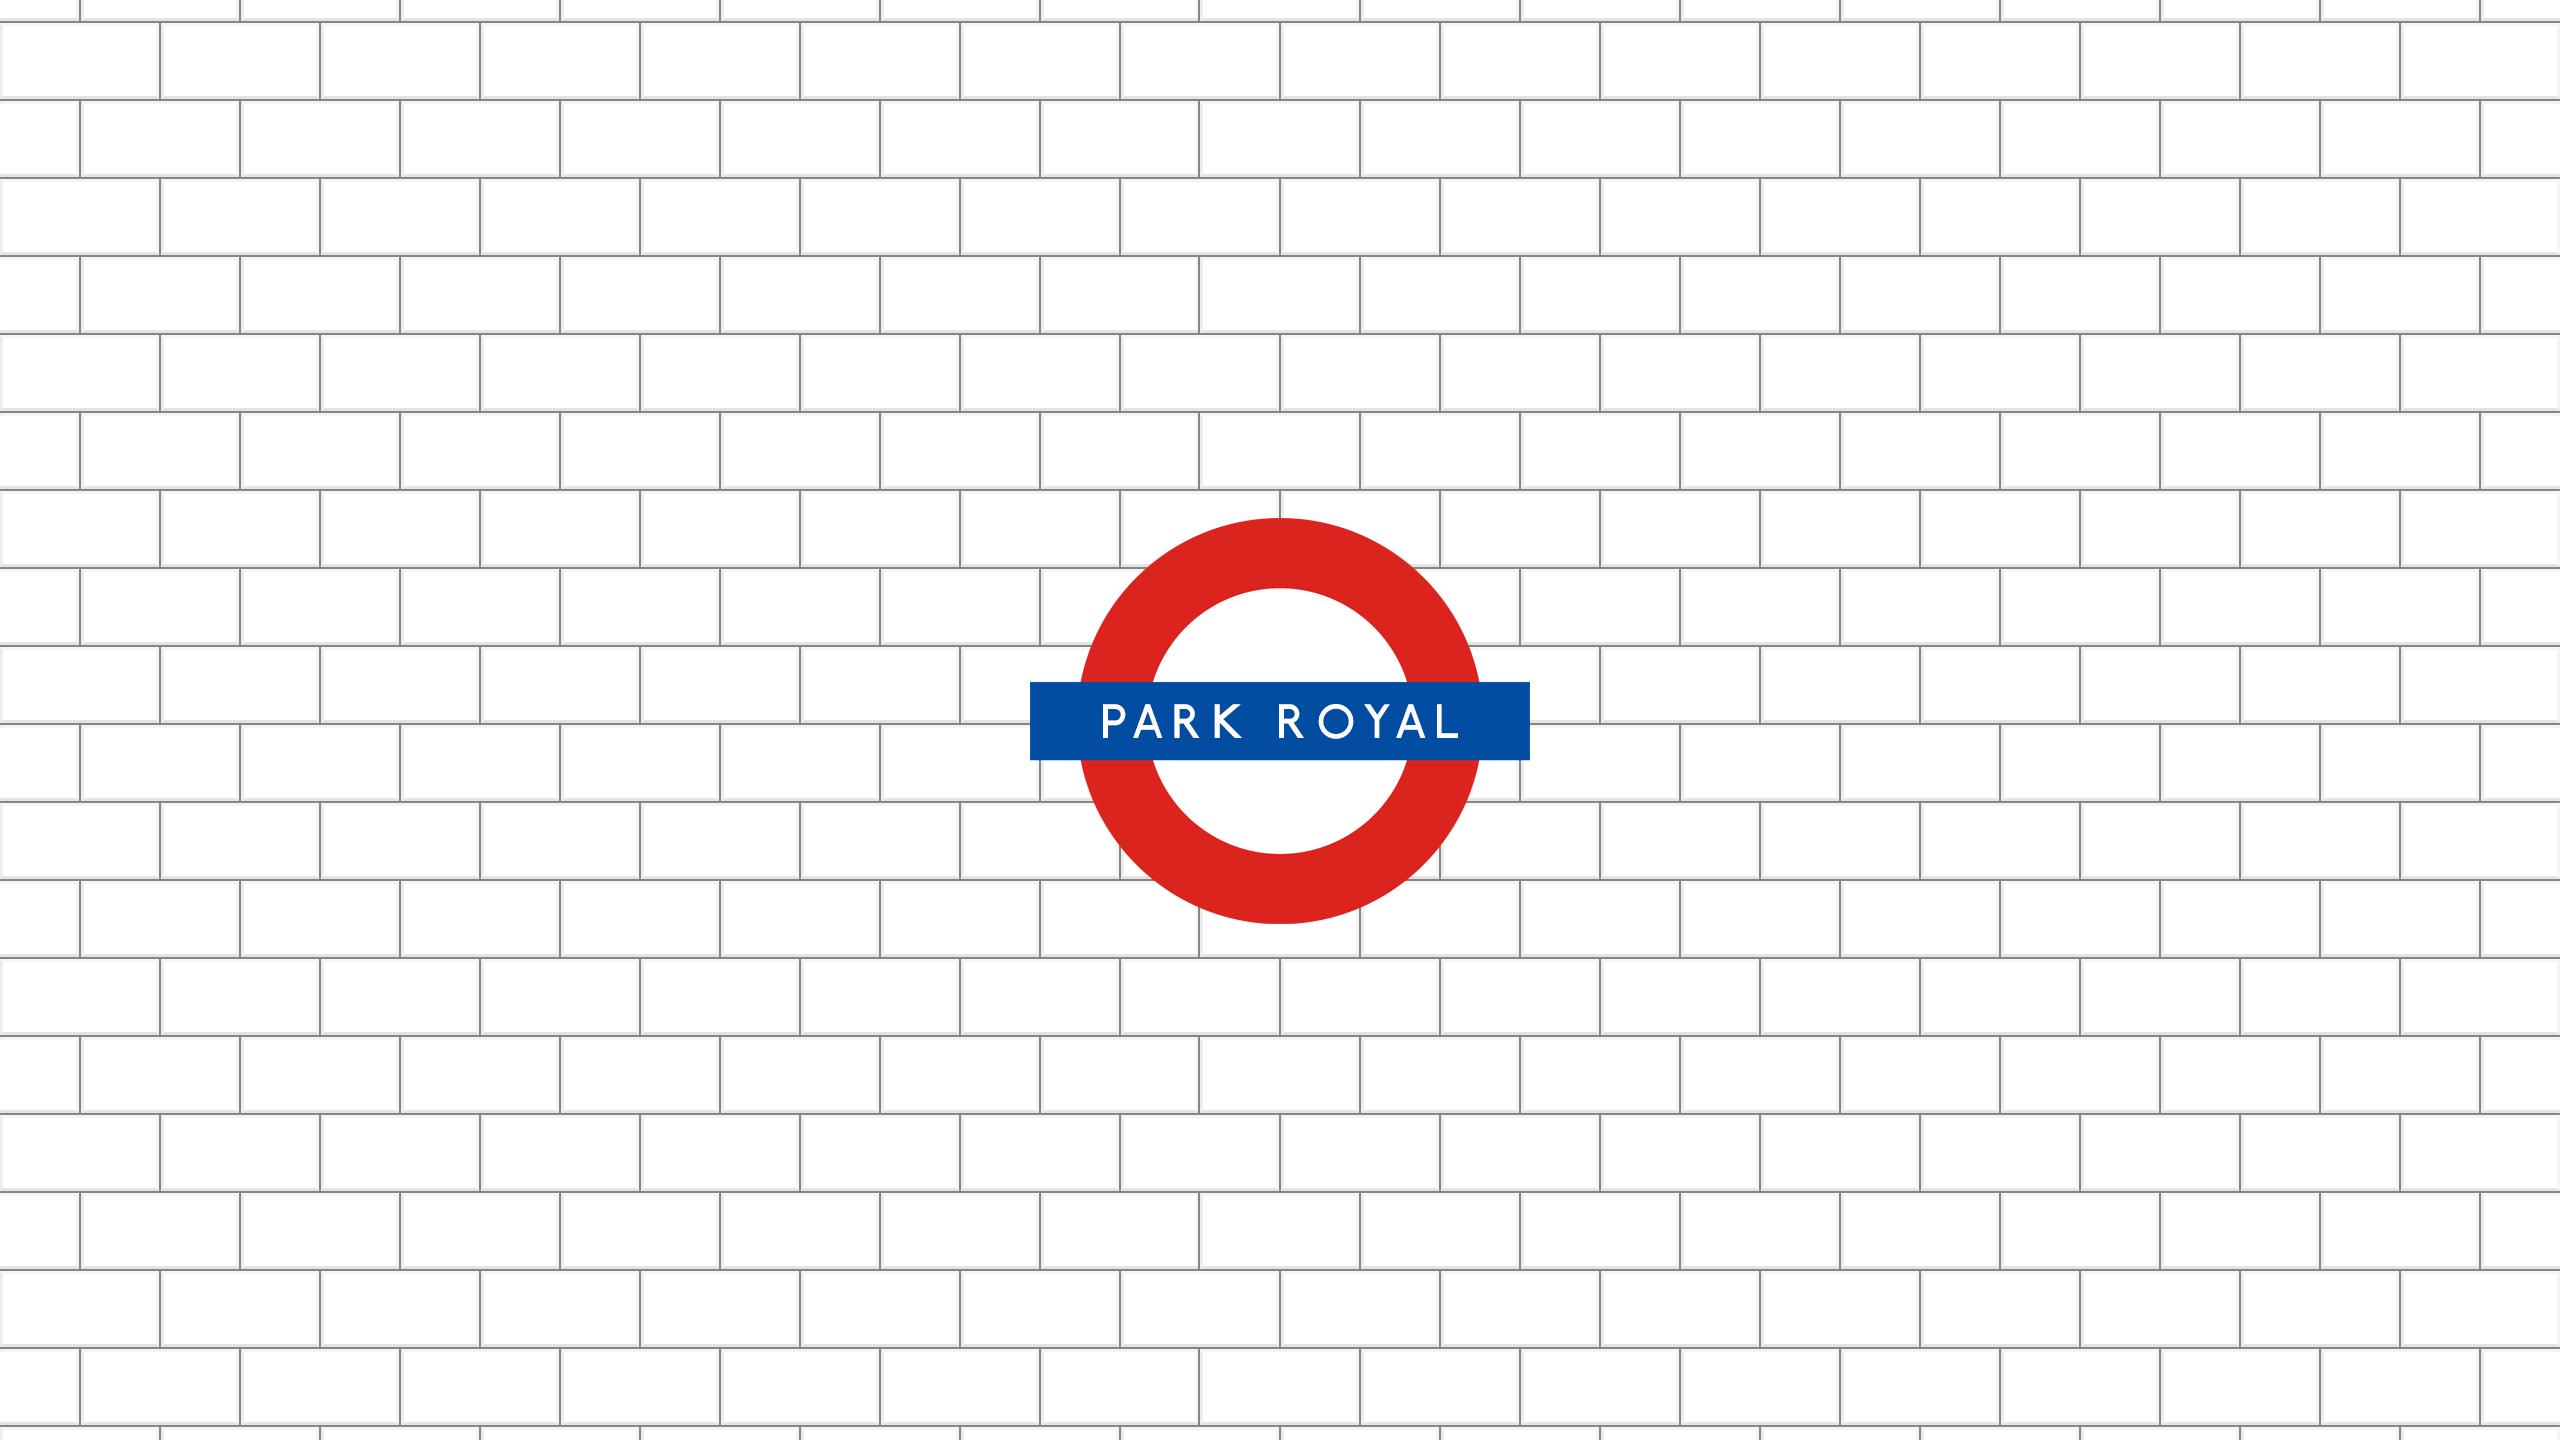 Park Royal